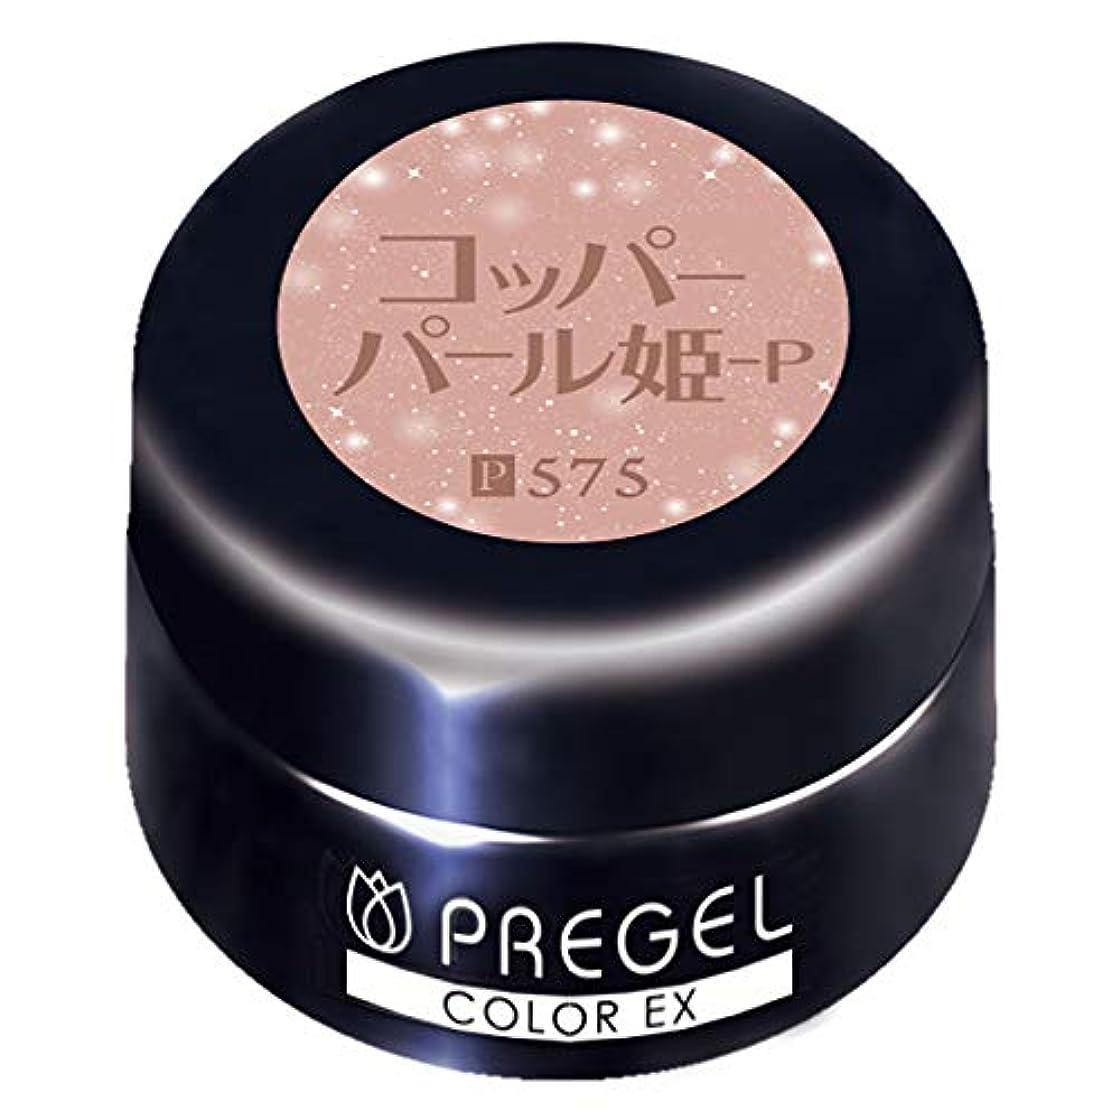 リースバンドルふさわしいPRE GEL カラージェル カラーEX コッパーパール姫-P 3g PG-CE575 UV/LED対応